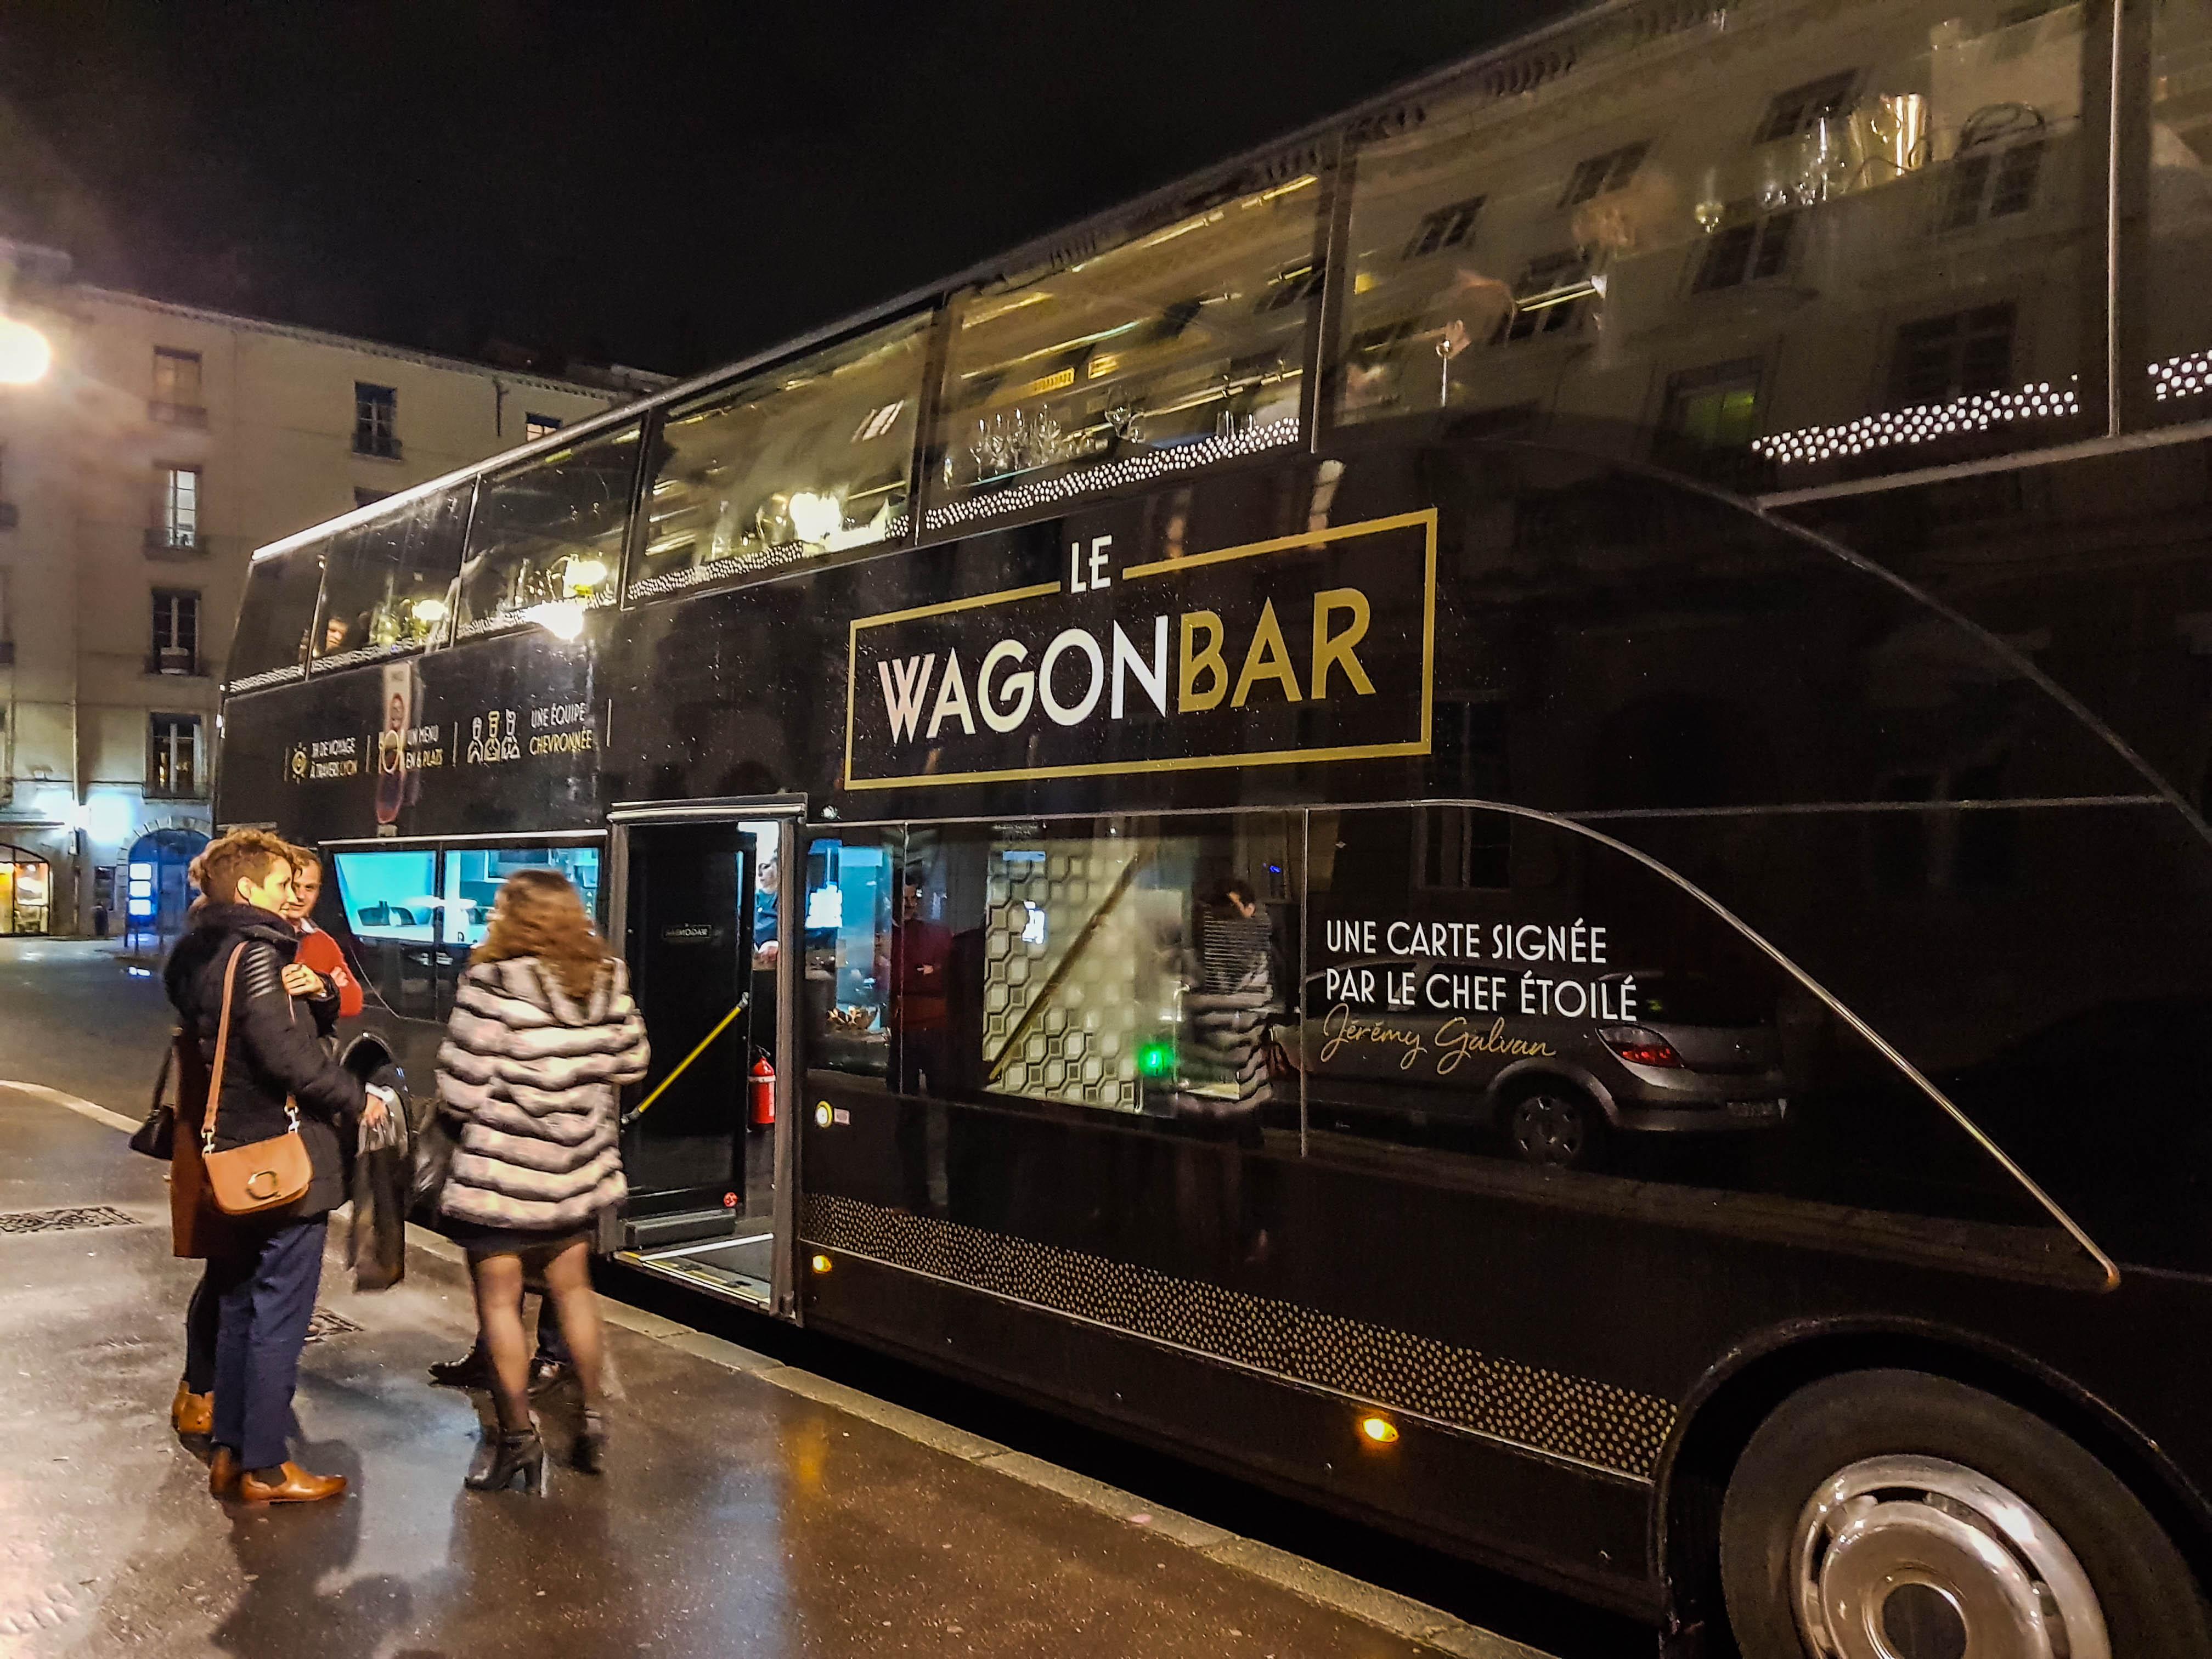 Le Wagon Bar - Test du bus restaurant de Lyon